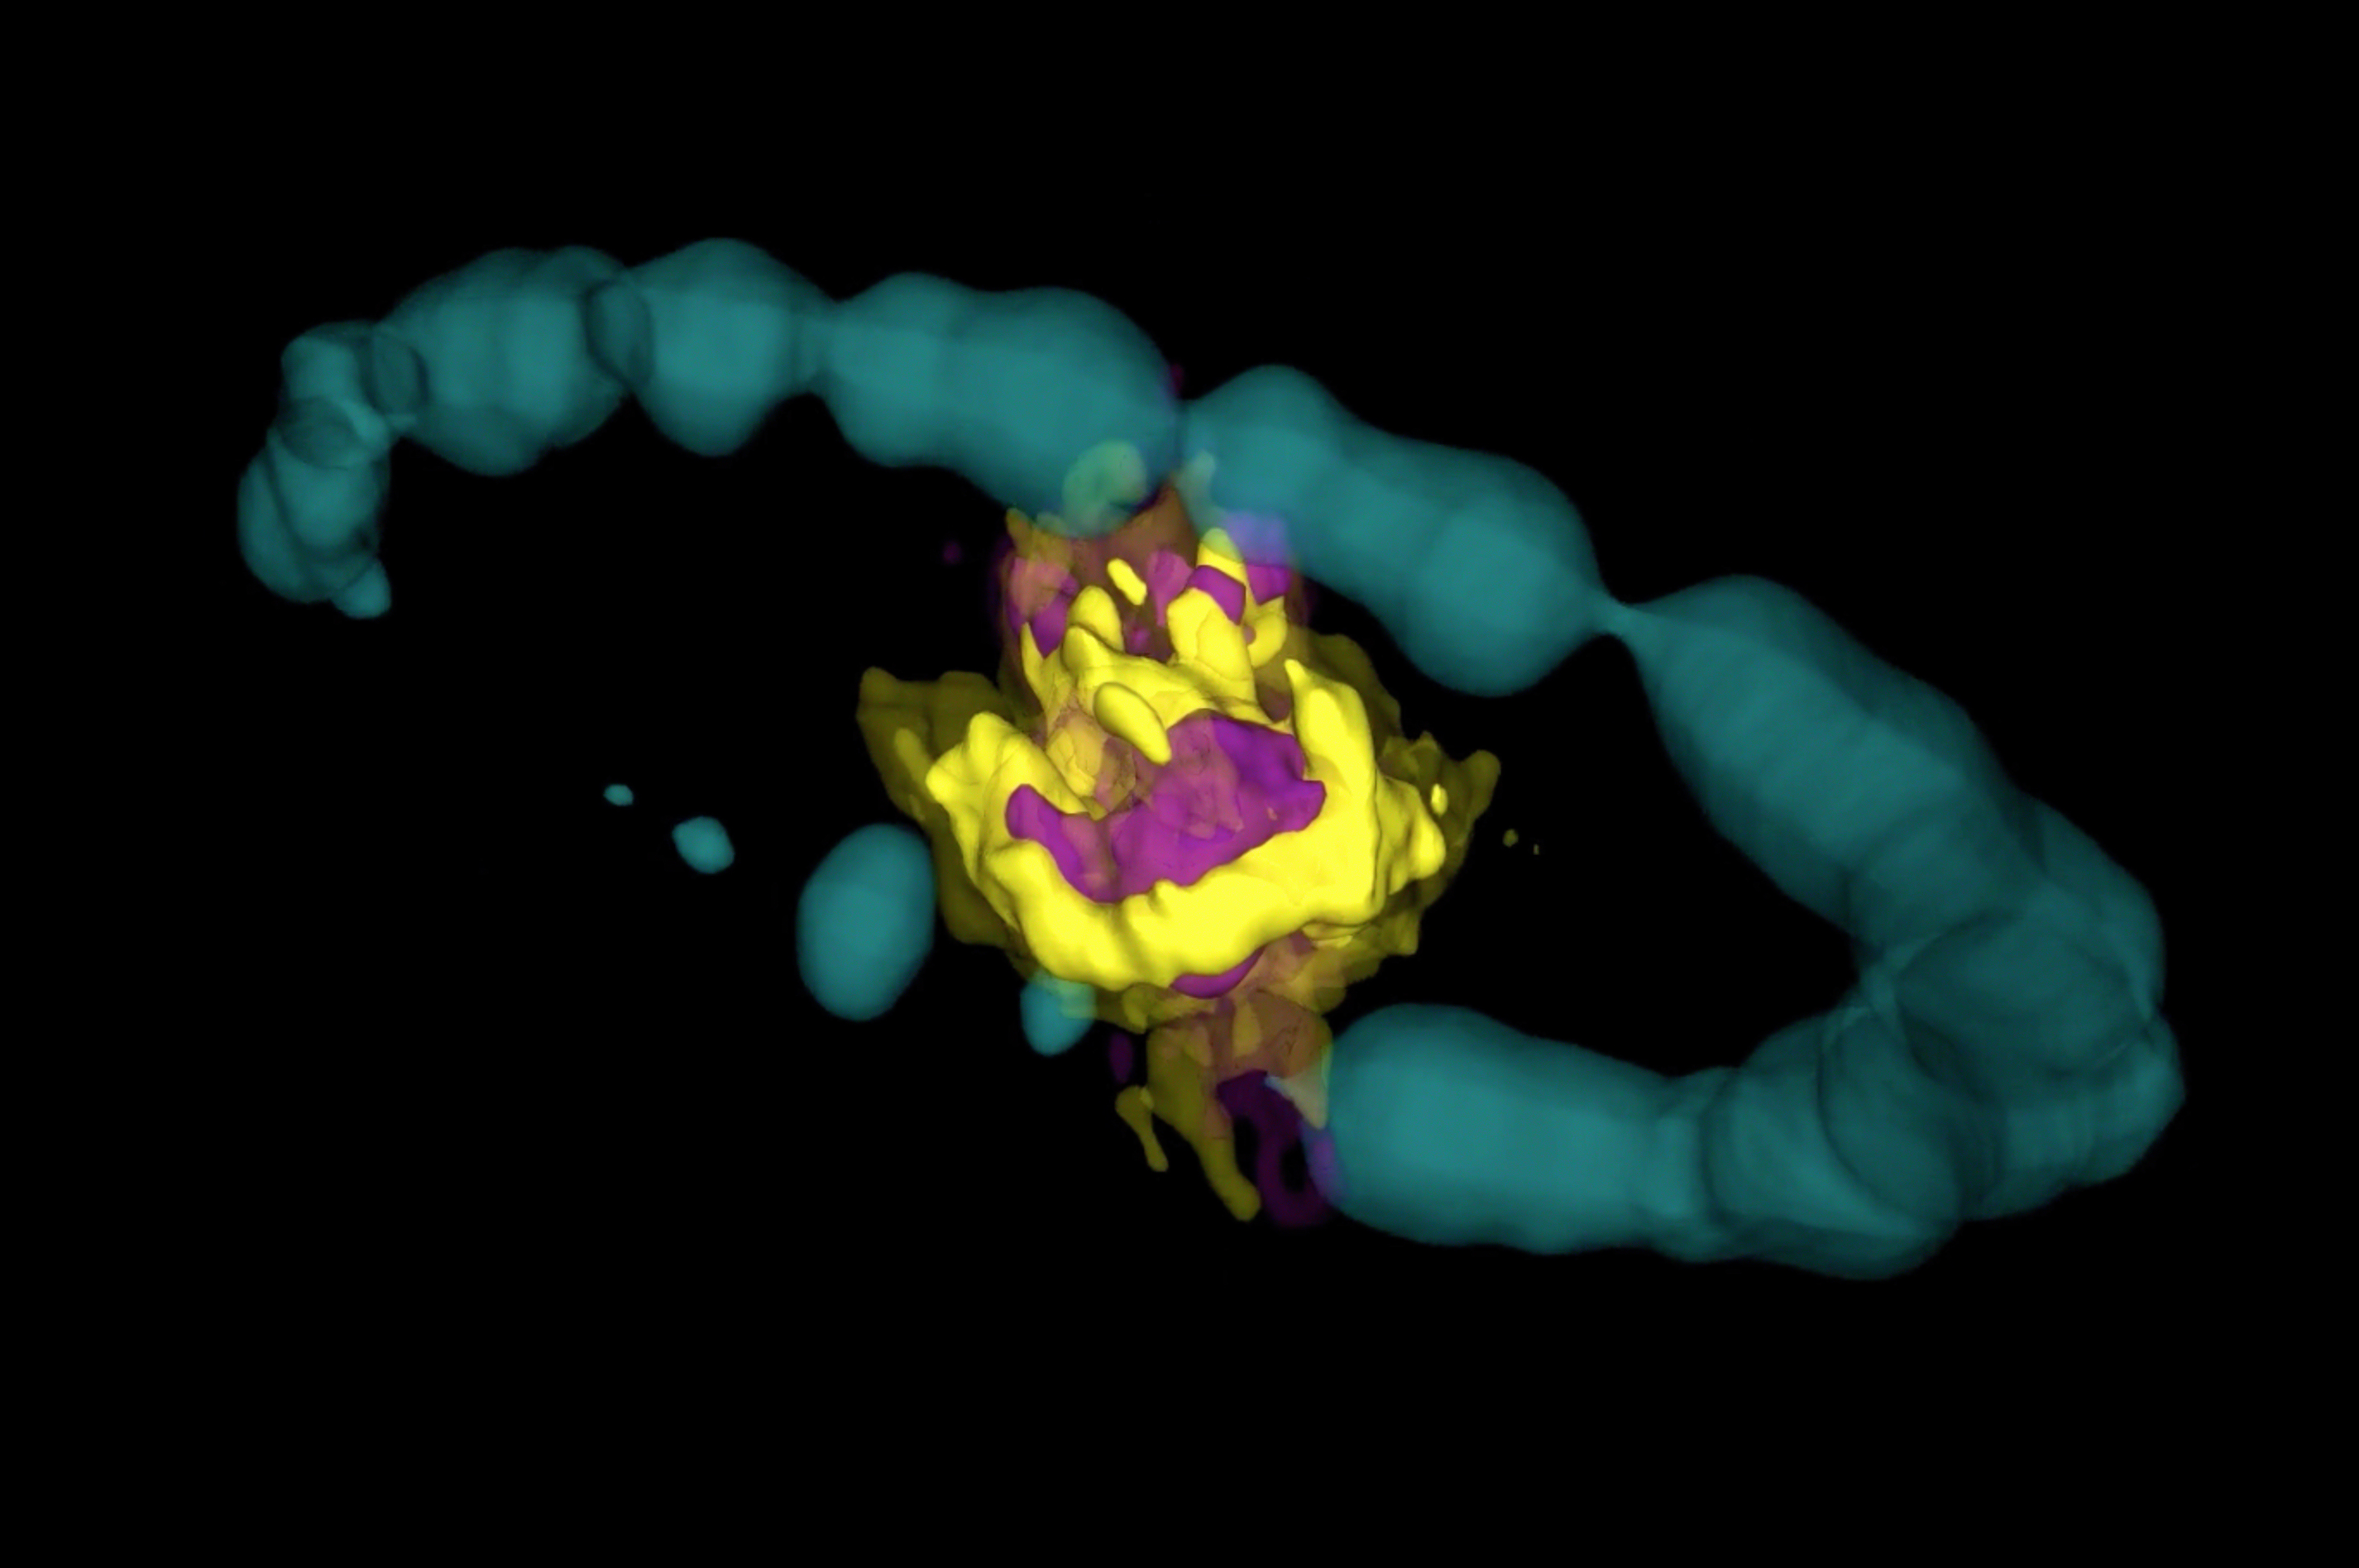 Remnant of Supernova 1987A